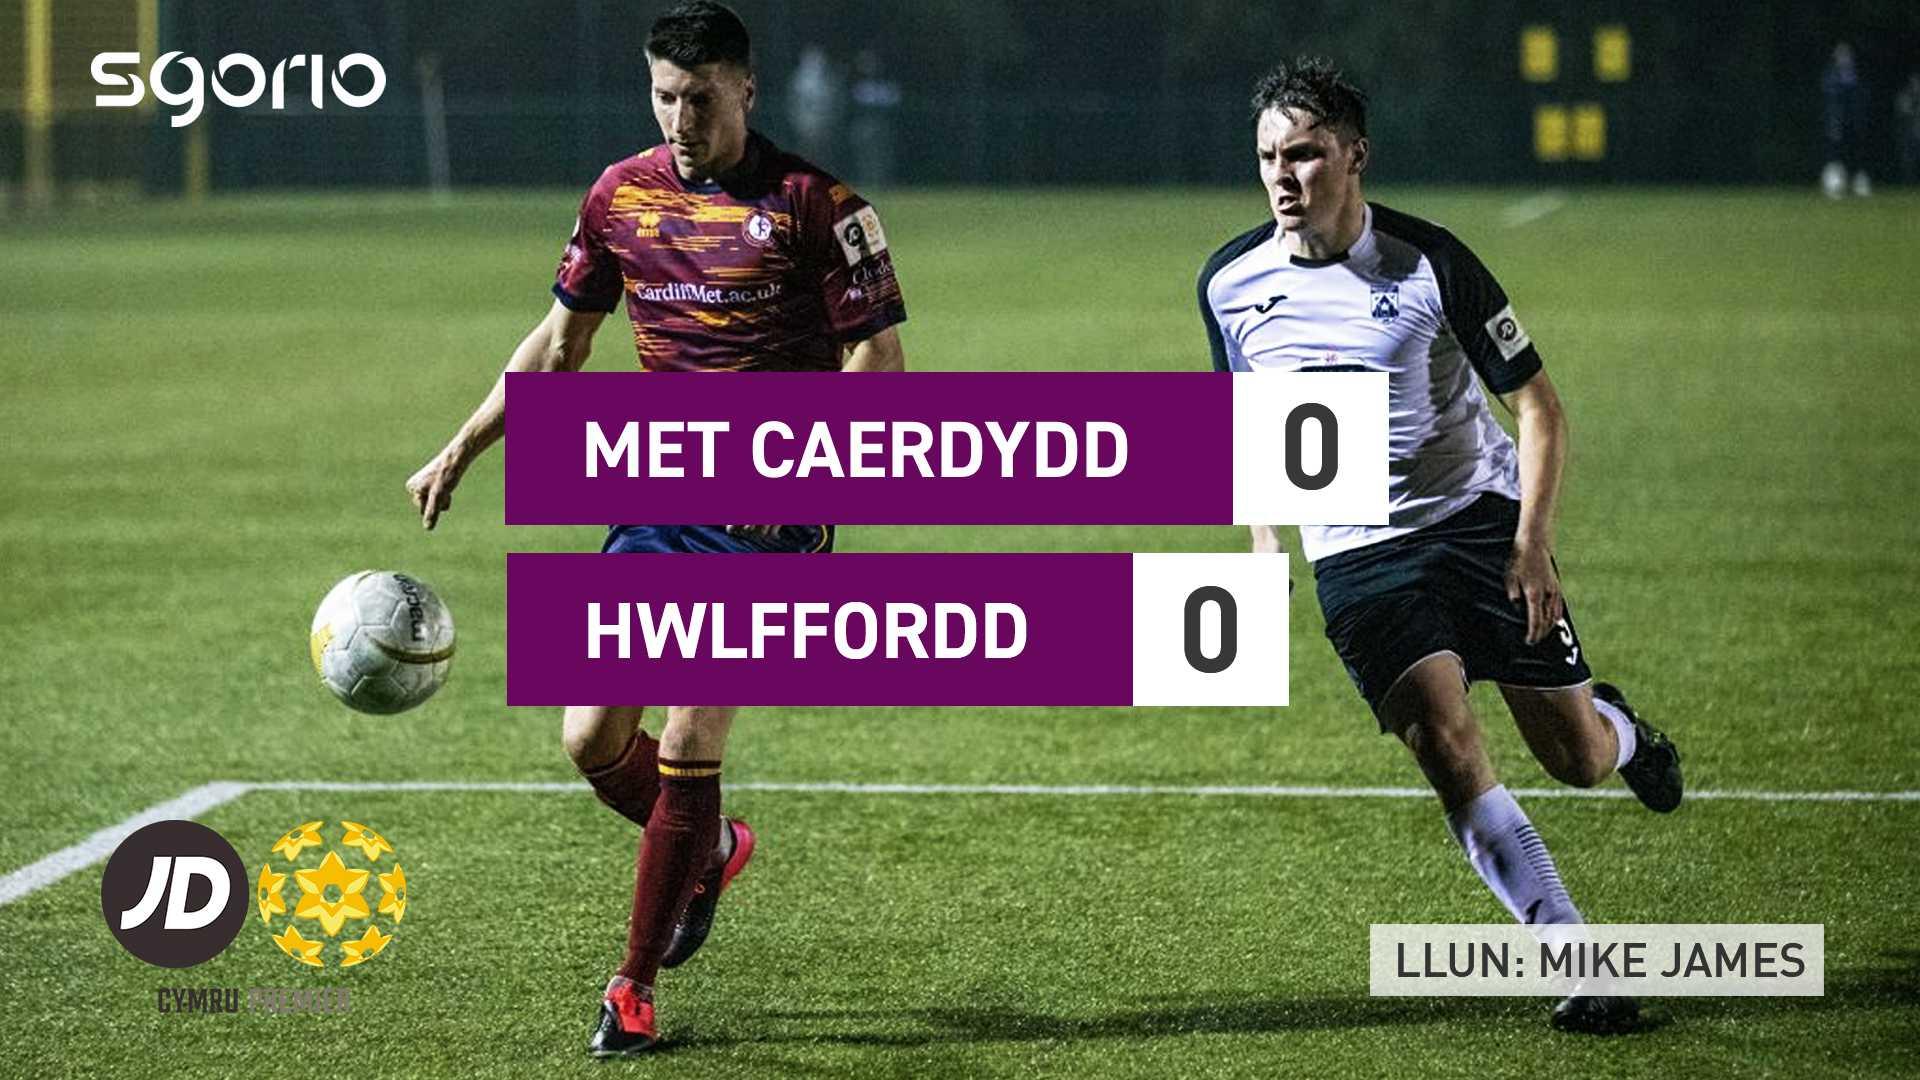 Met Caerdydd 0-0 Hwlffordd